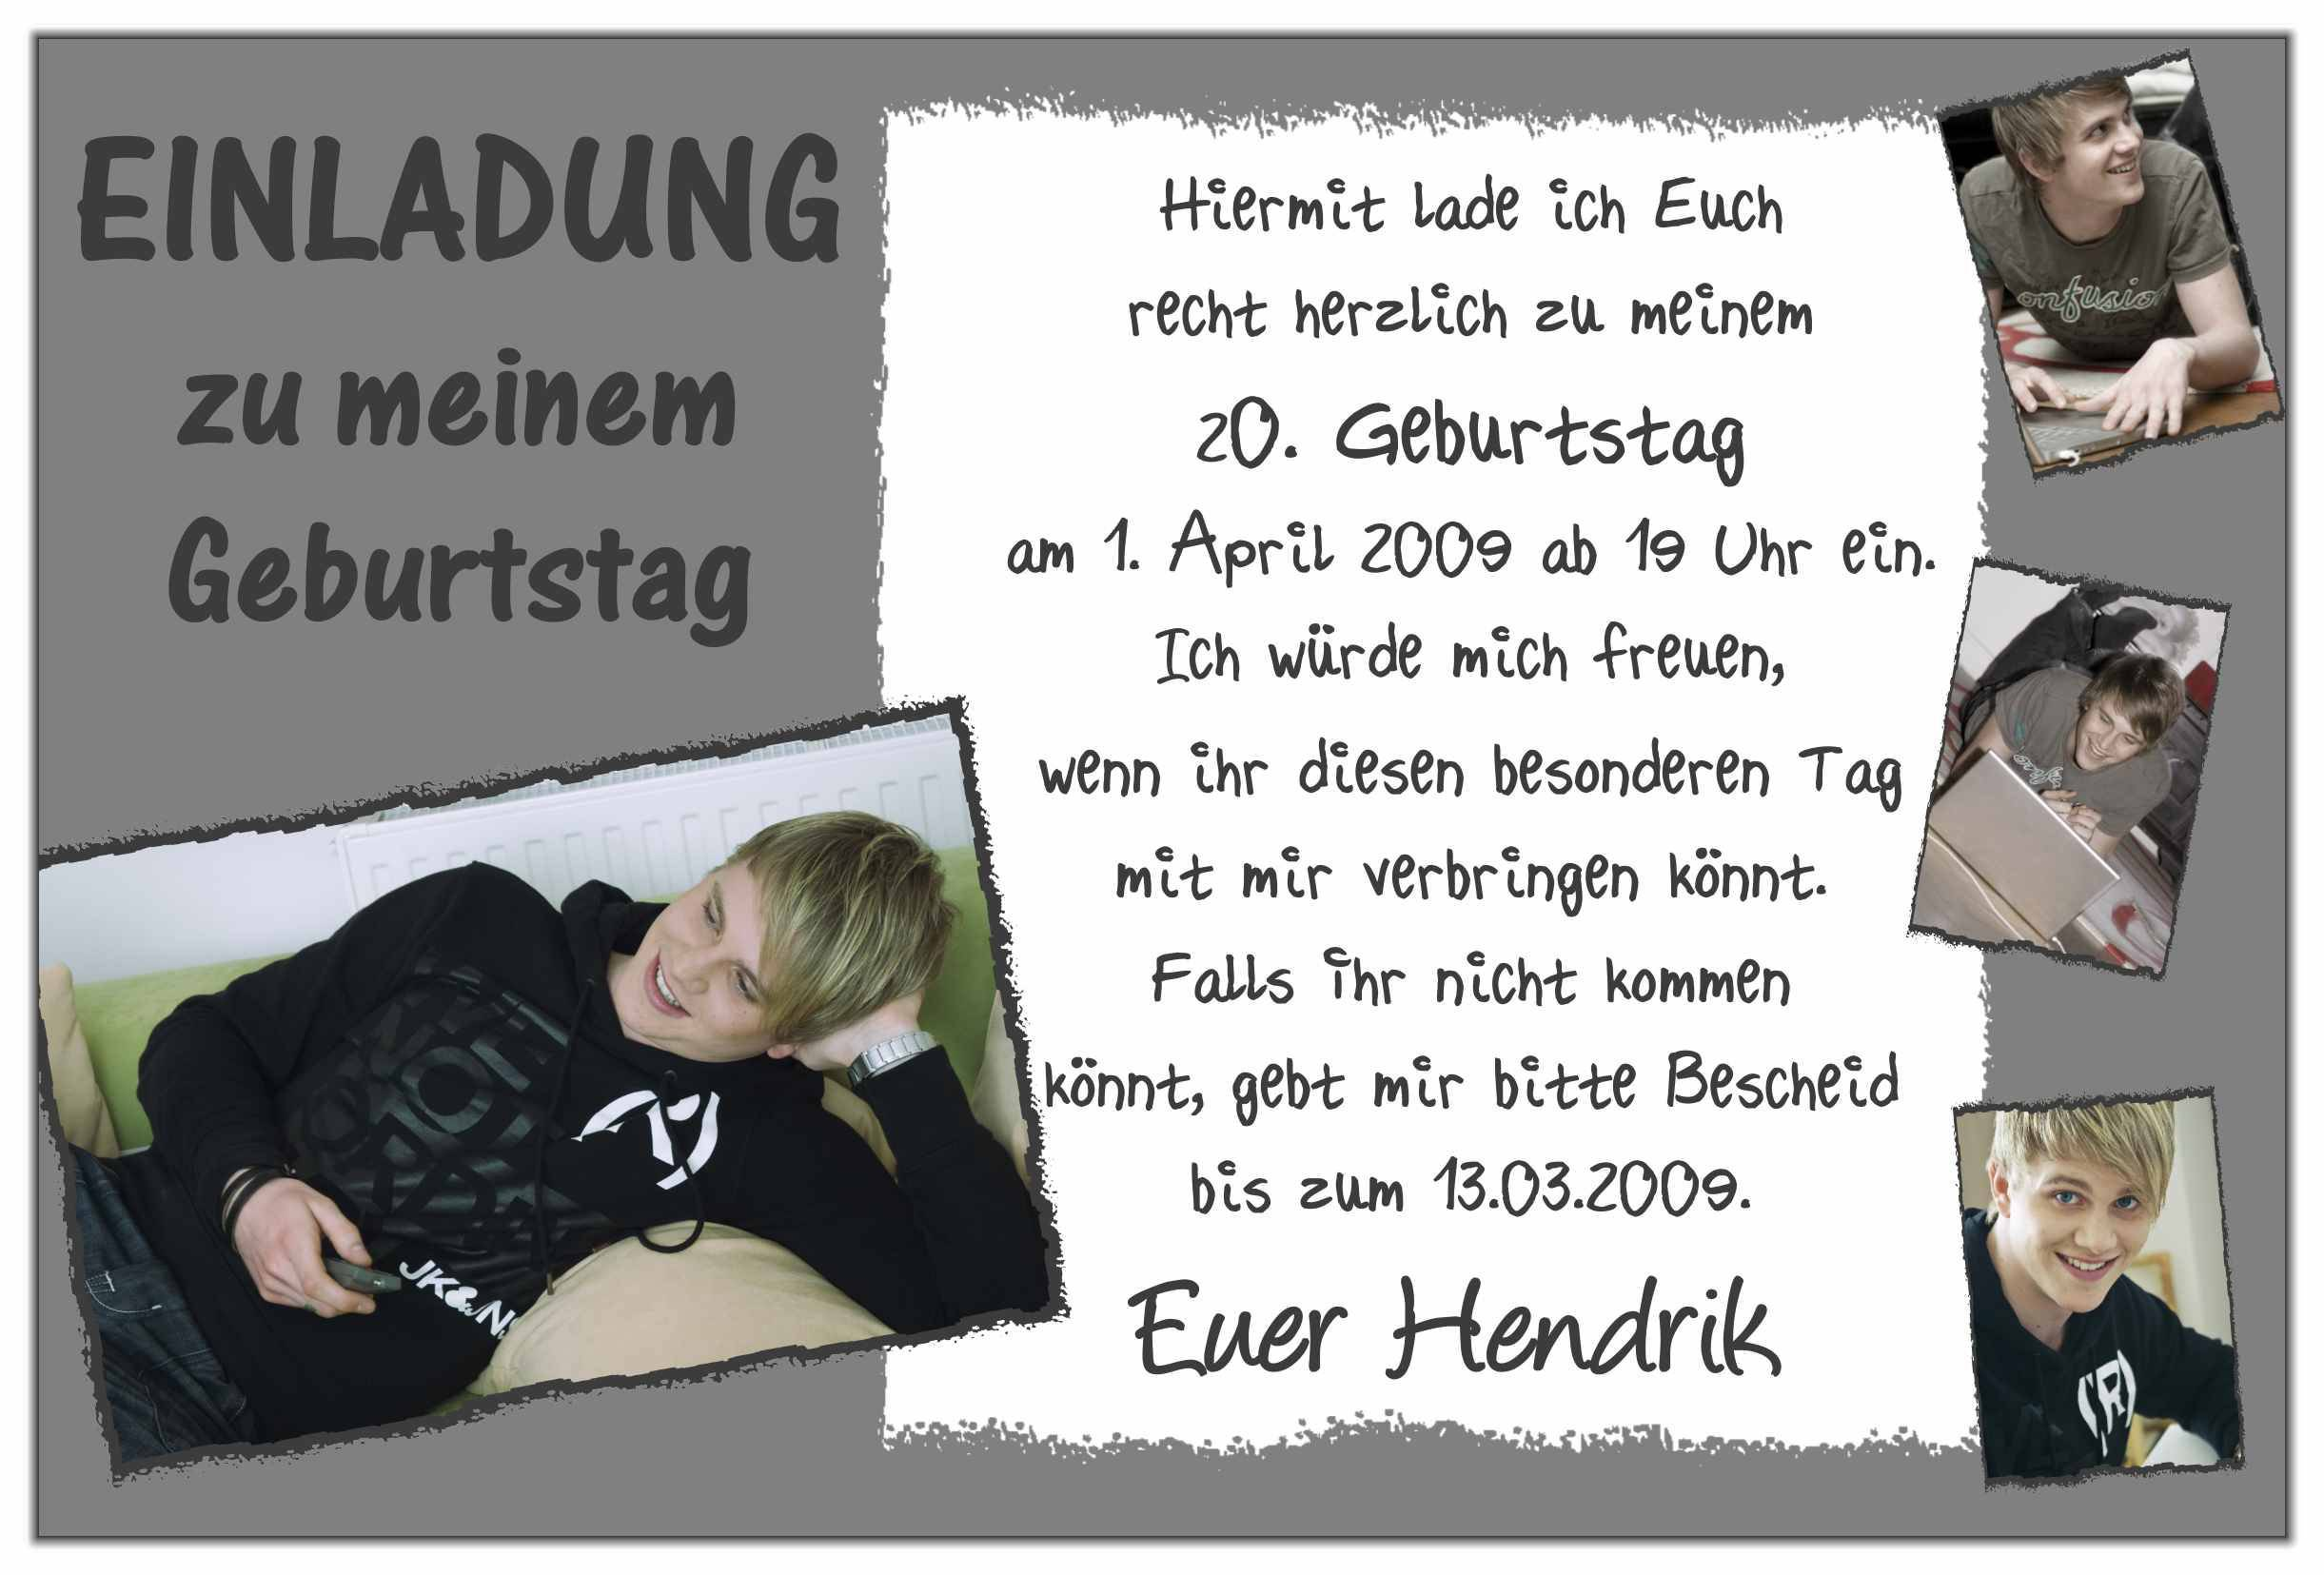 Related Image For Einladungen Zum Geburtstag Selber Schreiben